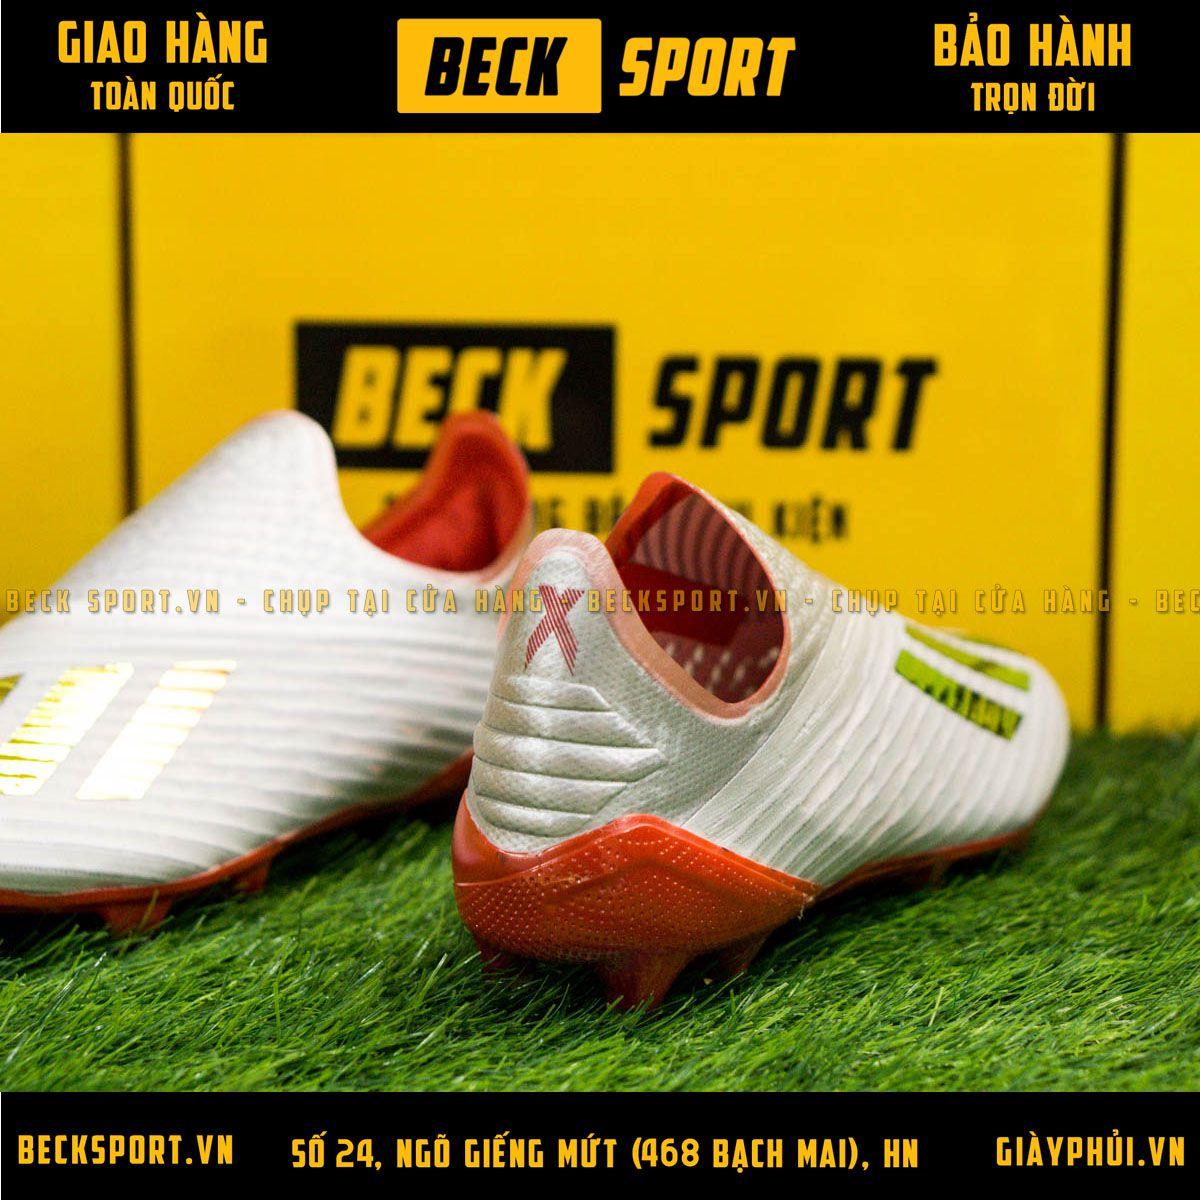 Giày Bóng Đá Adidas X 19+ Xám Vạch Bóng Đế Đỏ Không Dây FG